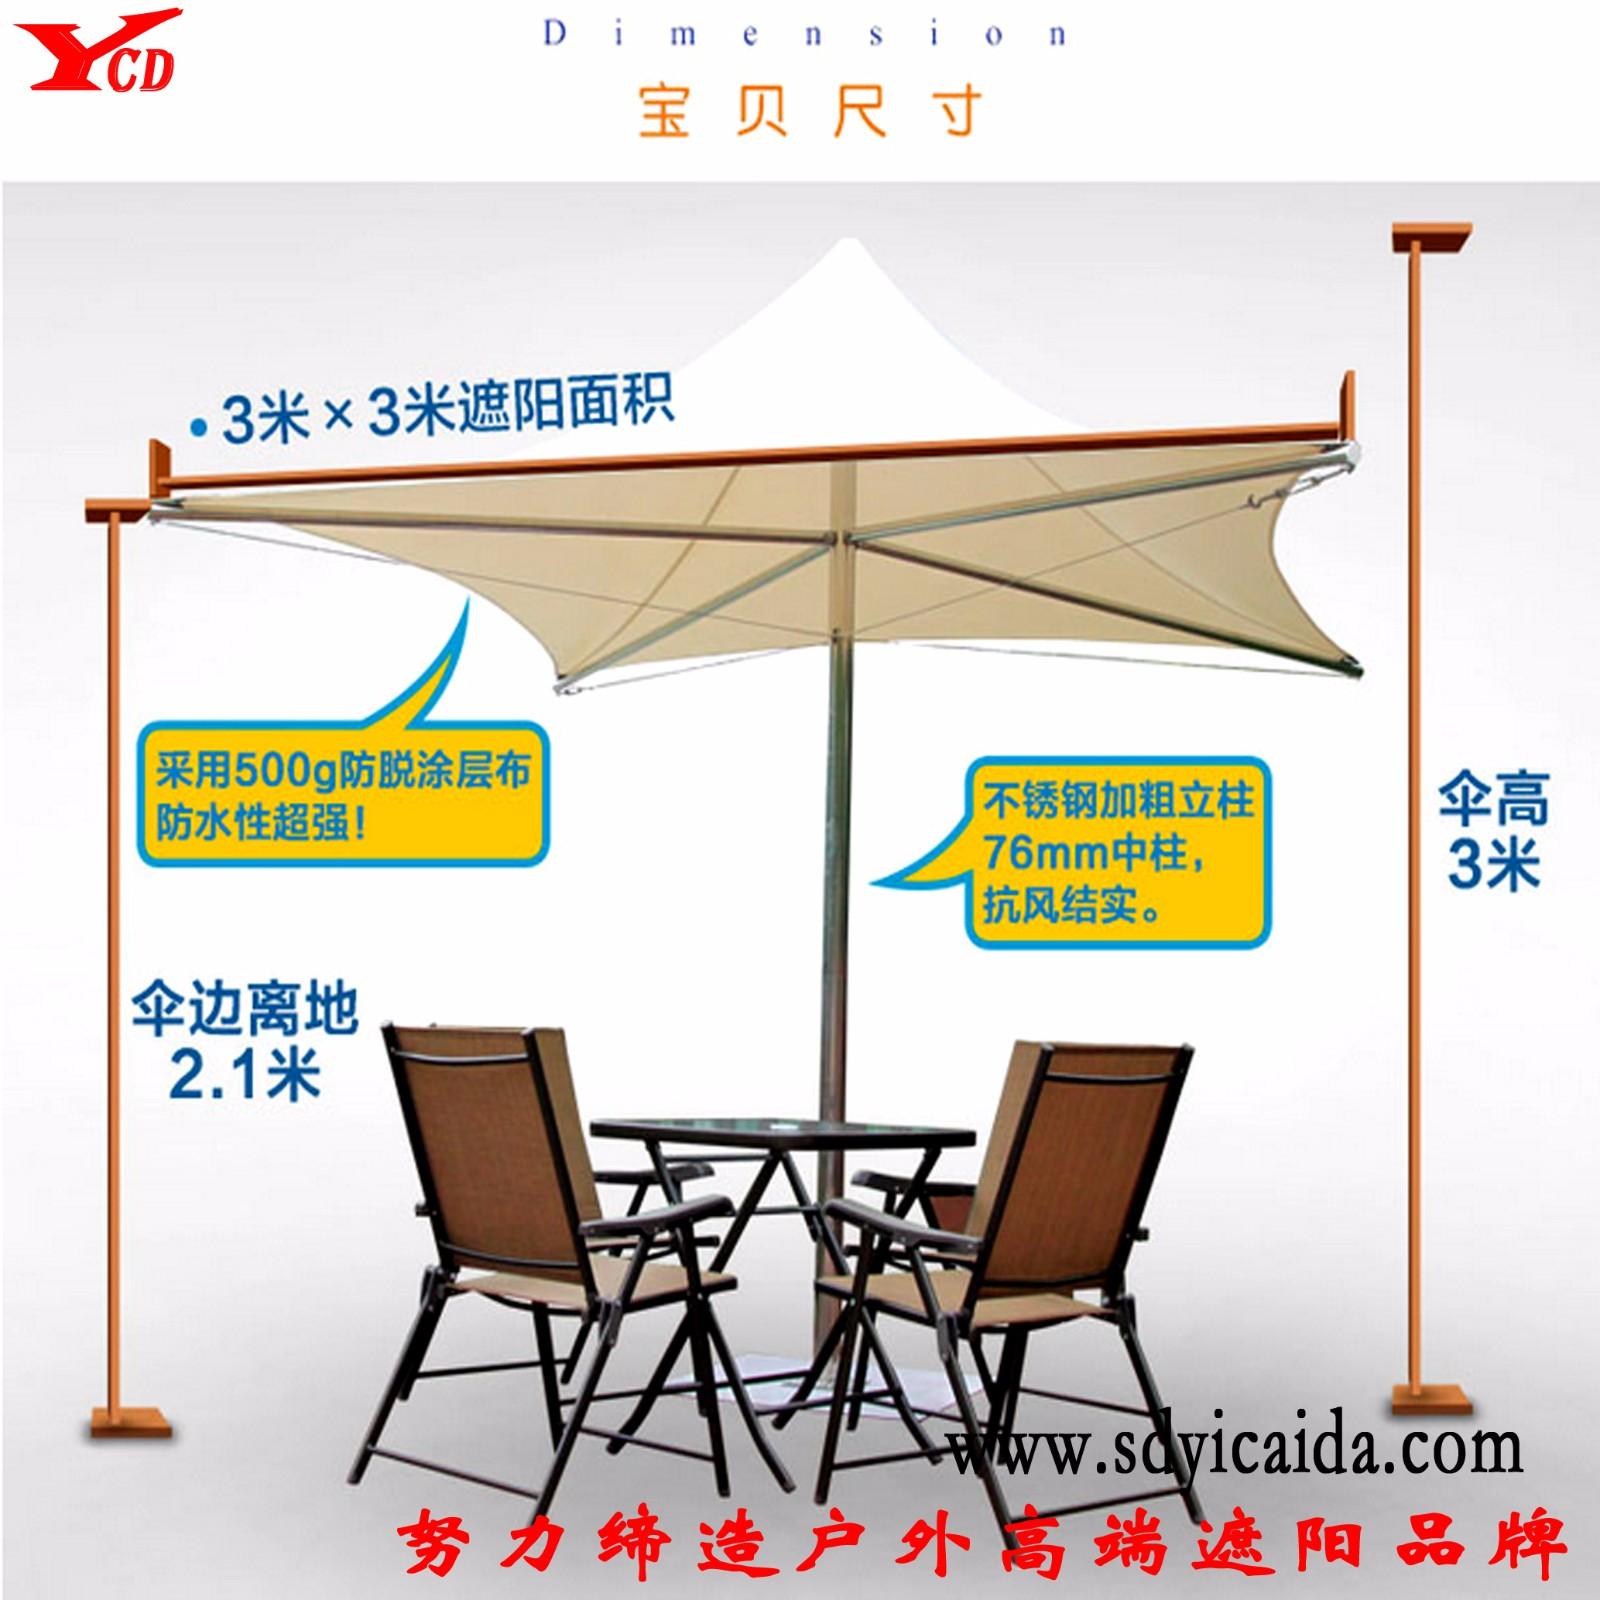 膜结构中柱伞 遮阳伞-山东亿彩达遮阳节能科技有限公司